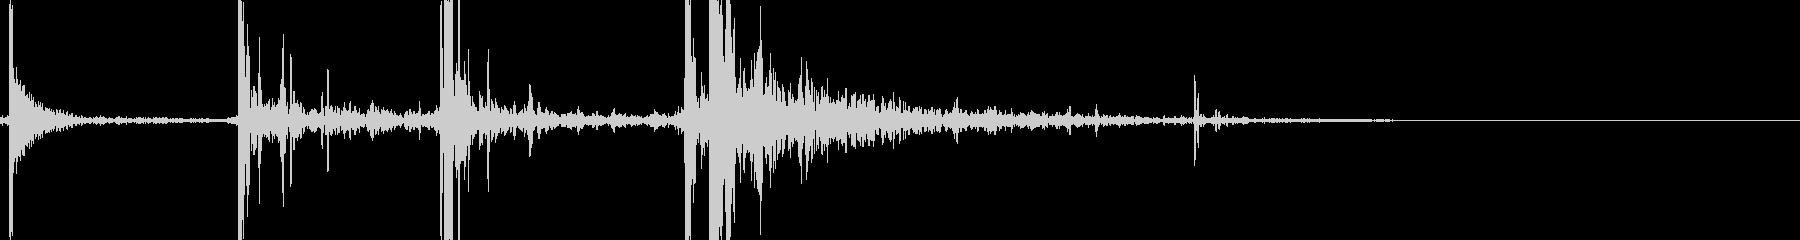 ビリヤードのブレイクショットの未再生の波形